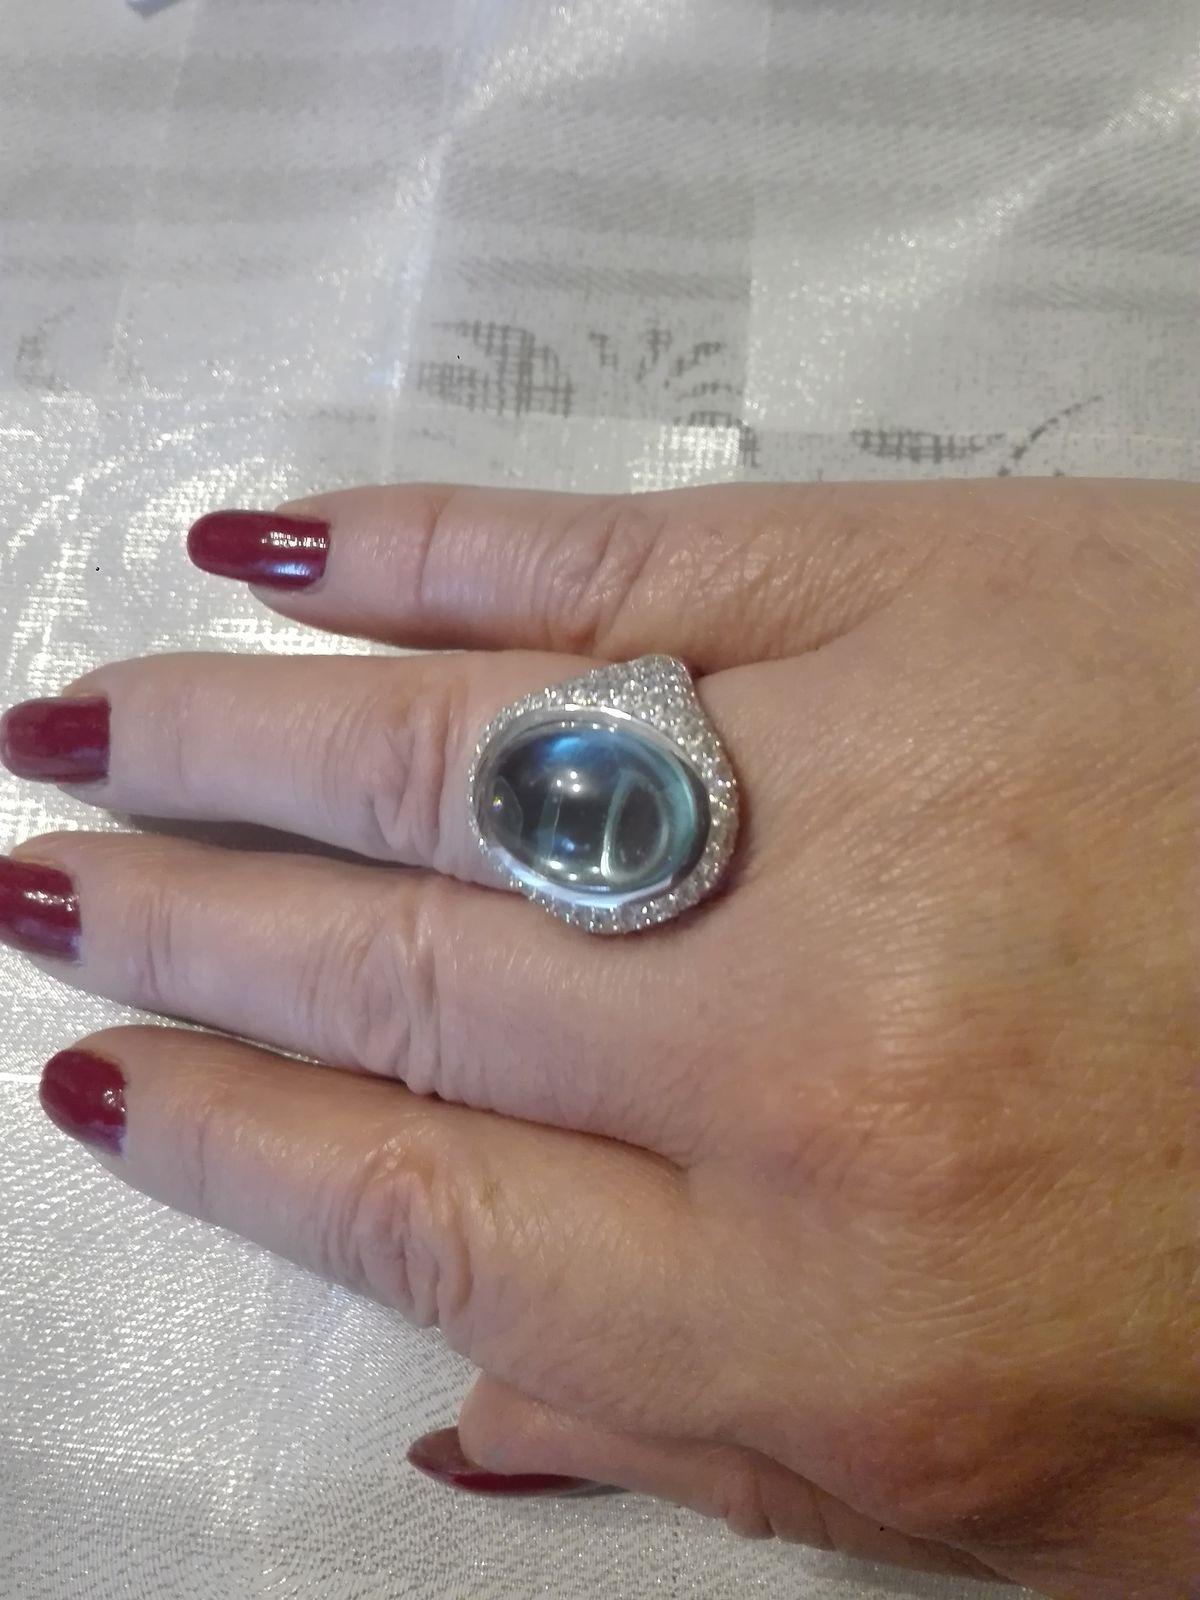 Кольцо очень нарядное,смотрится шикарно,не останется не замеченным.